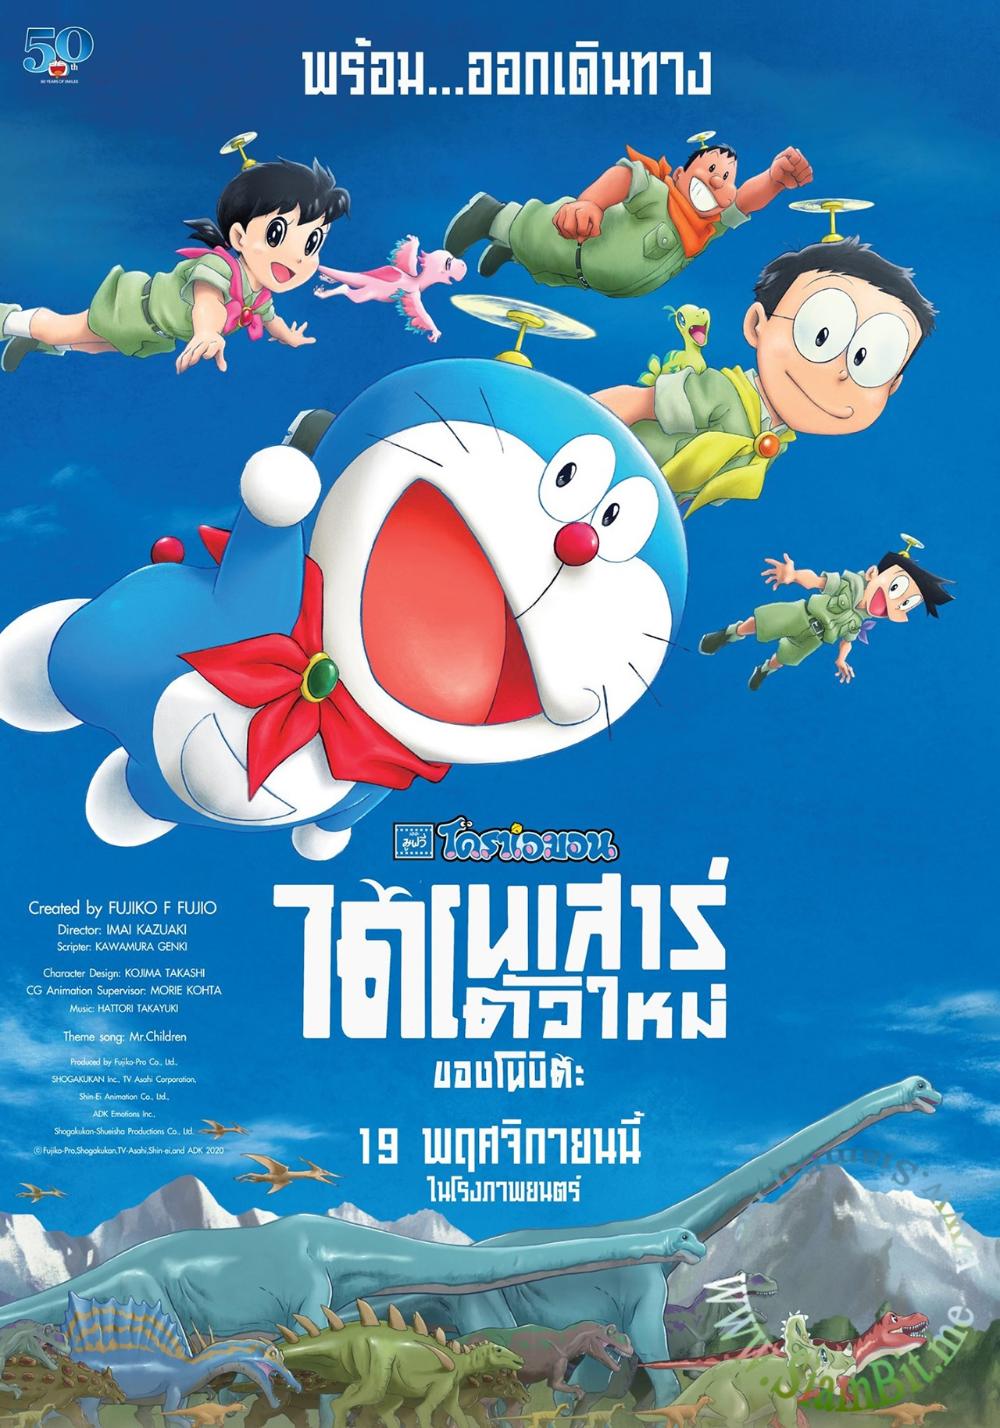 ดูหนังออนไลน์ Doraemon: Nobita s New Dinosaur (2020) โดราเอมอน ไดโนเสาร์ตัวใหม่ของโนบิตะ